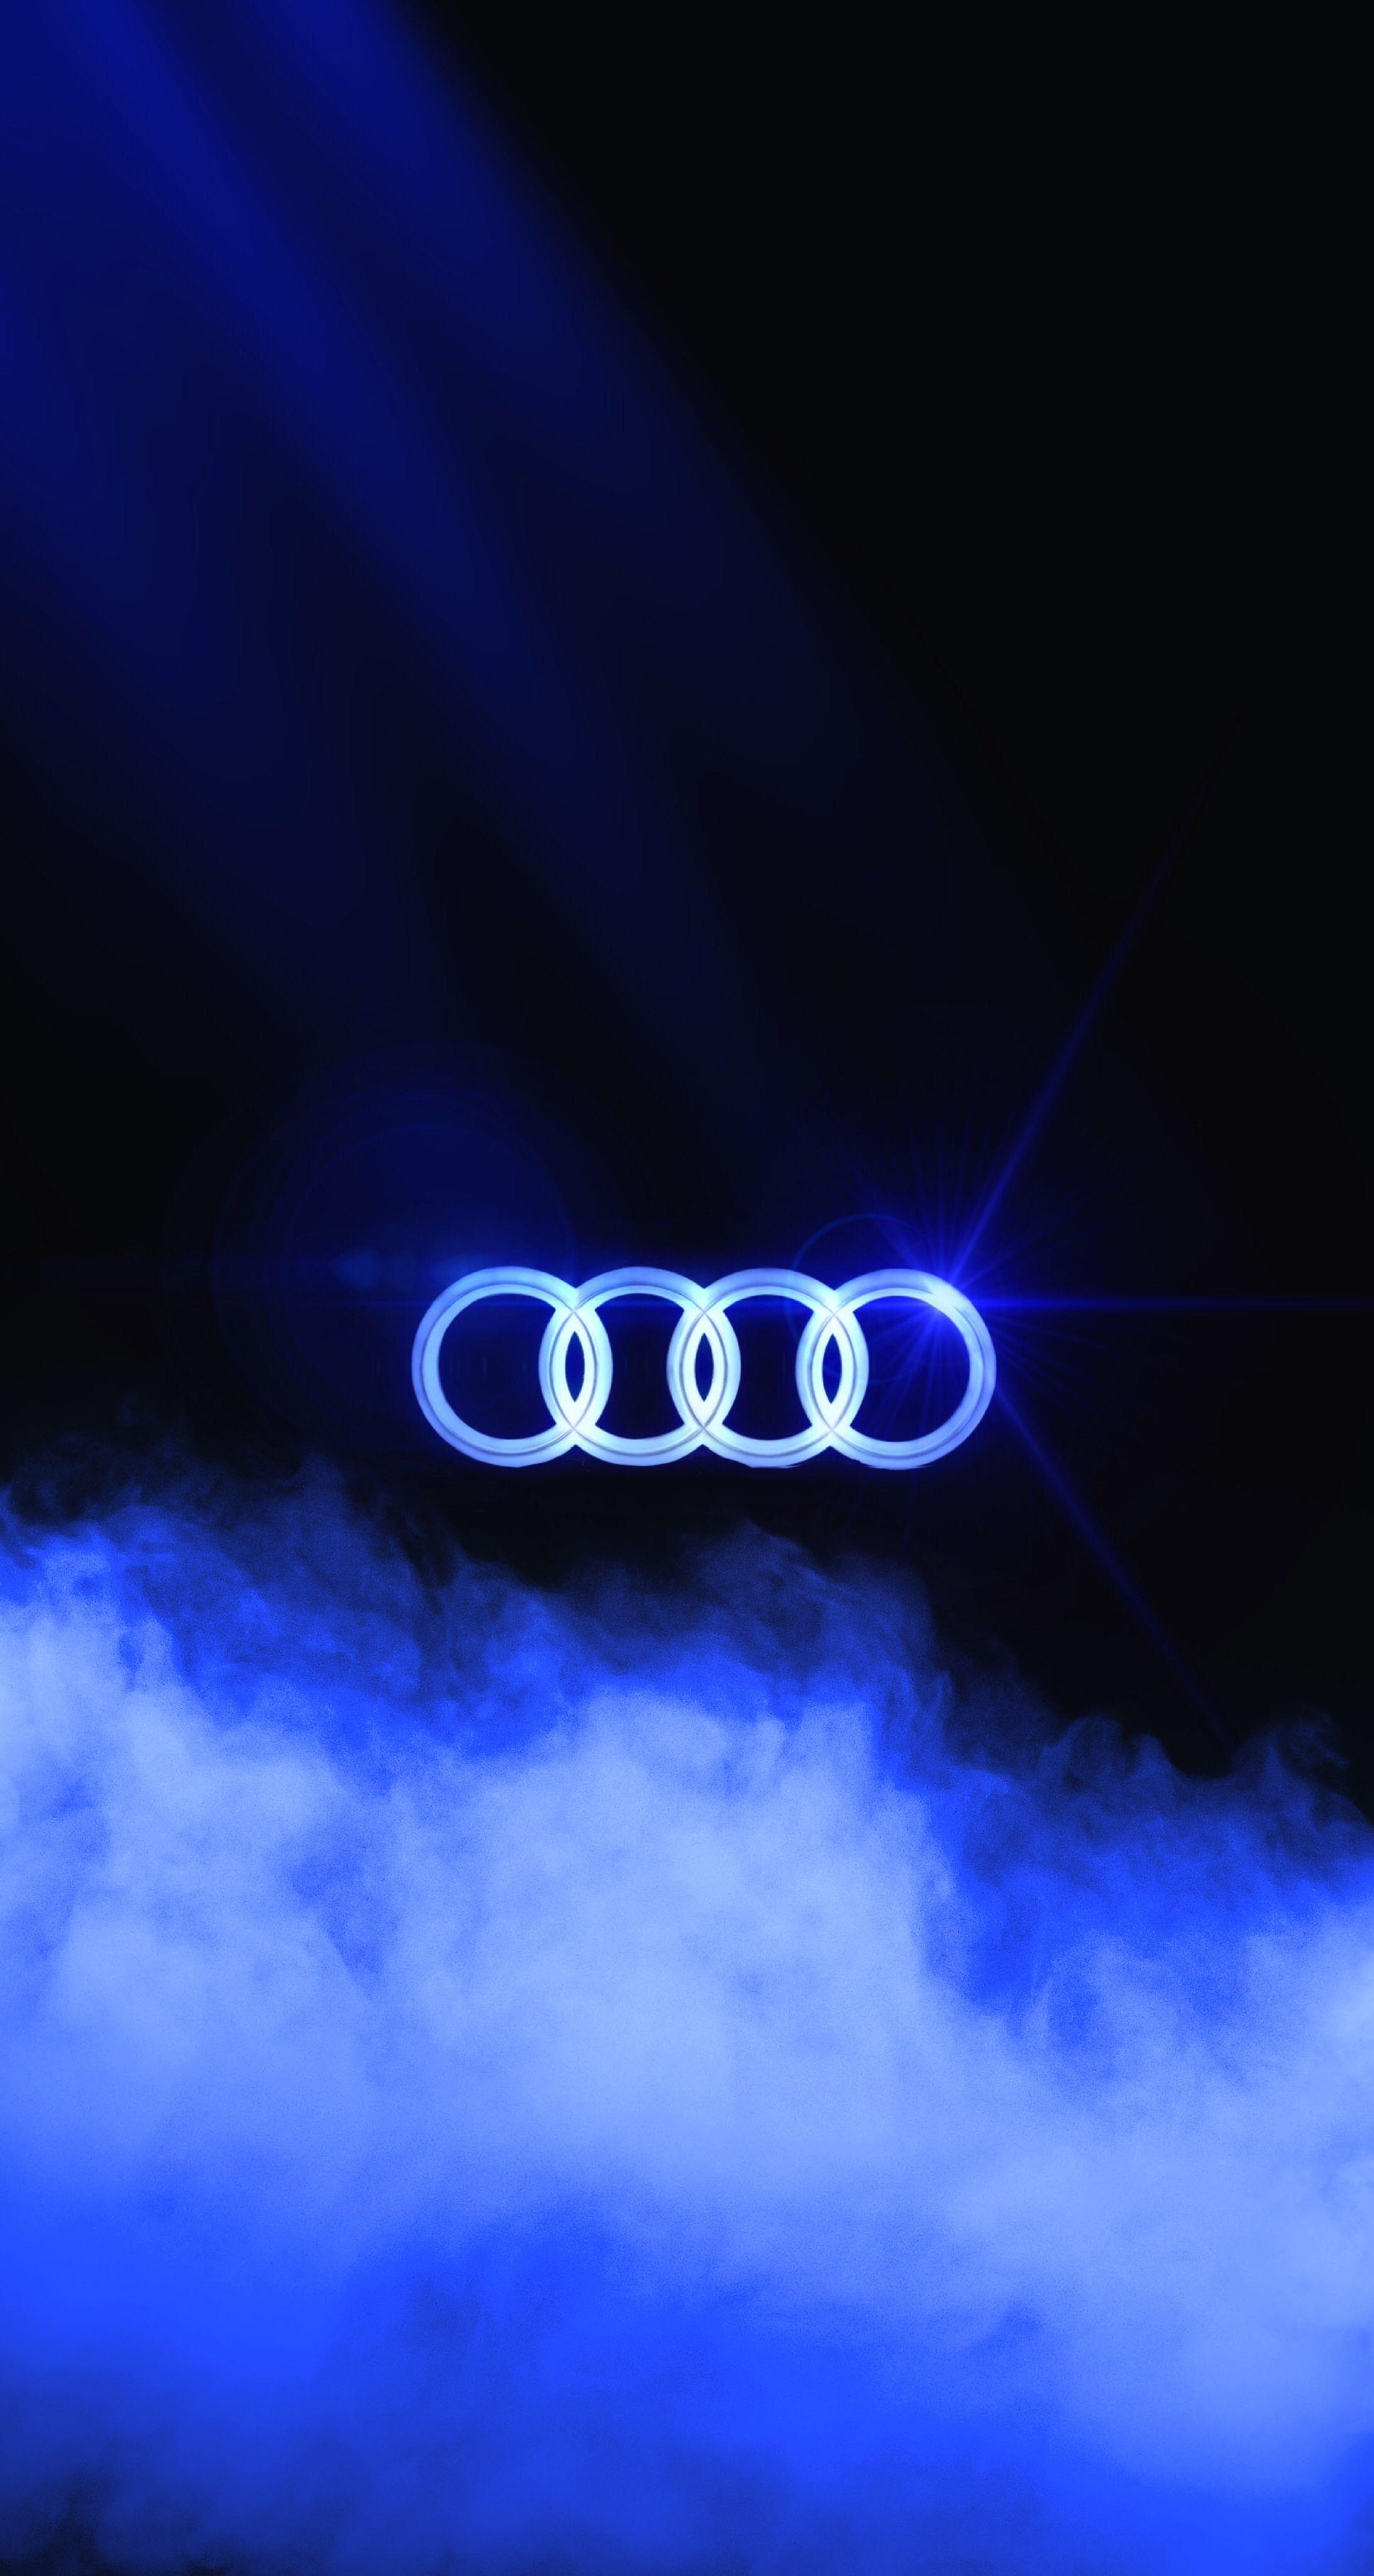 Audi Wallpaper Iphone Logo Audi Wallpaper Iphone Audi Wallpaper Audi Wallpaper Iphone Audi R8 Wallpaper